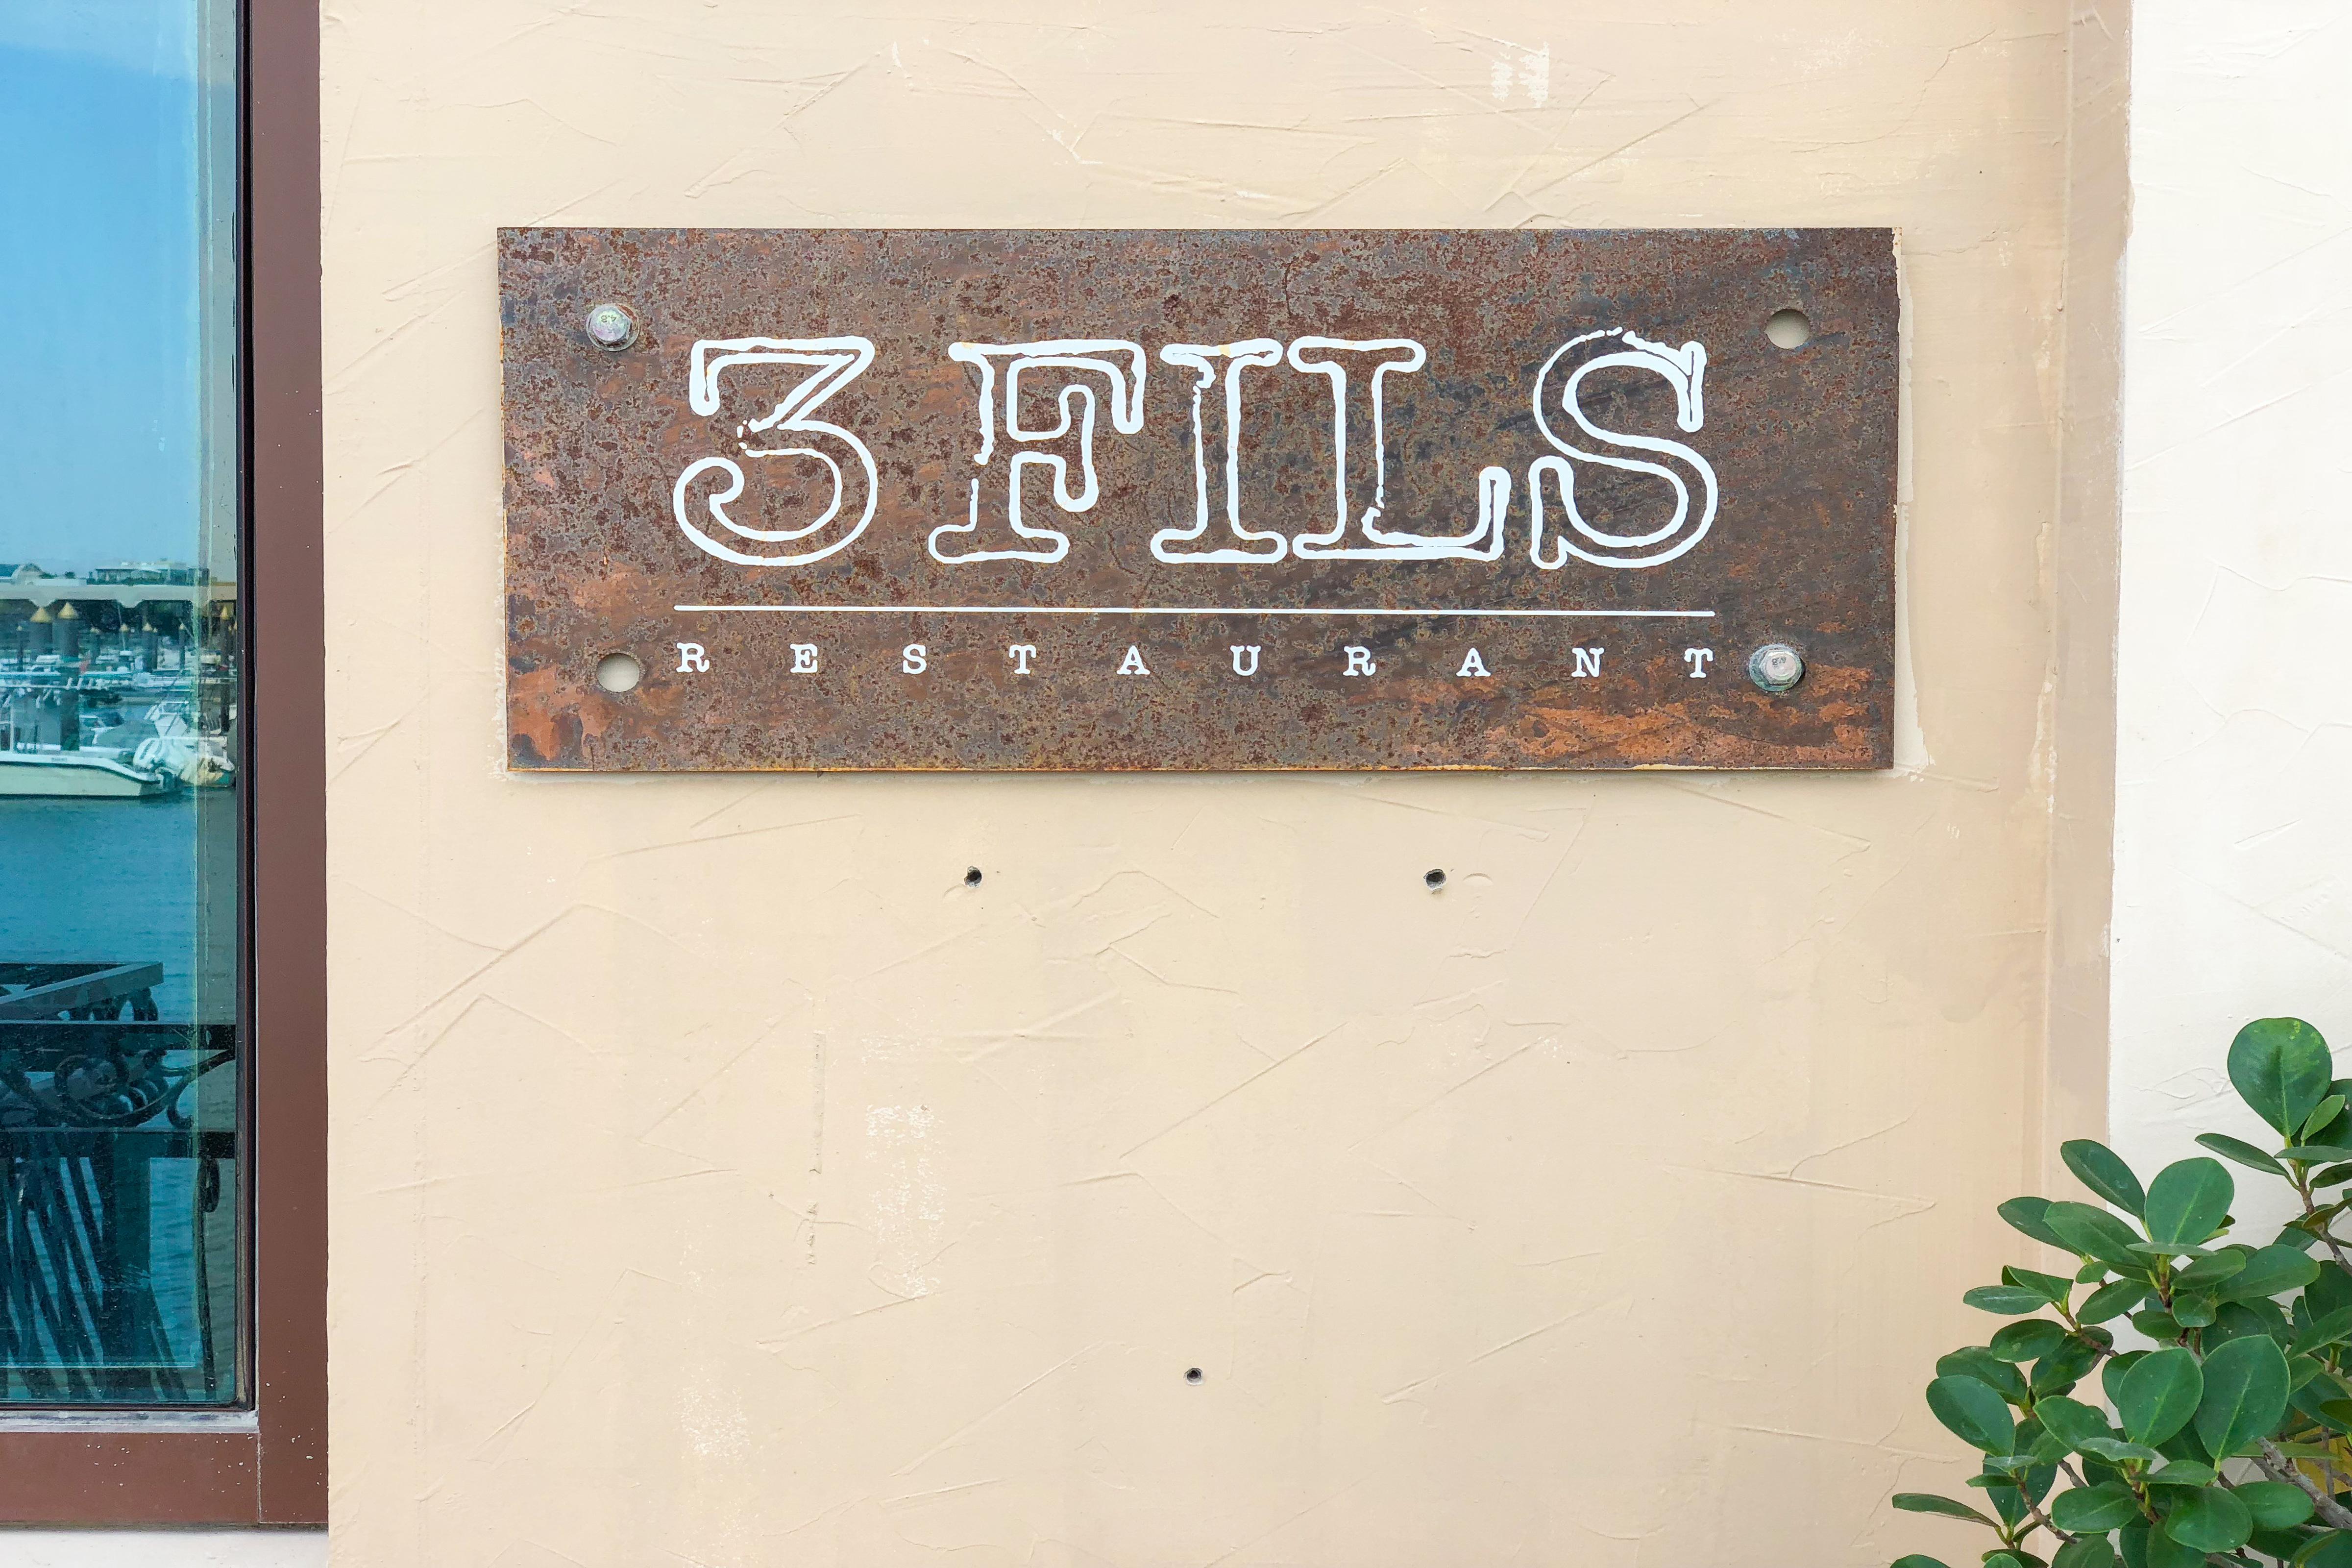 3 Fils